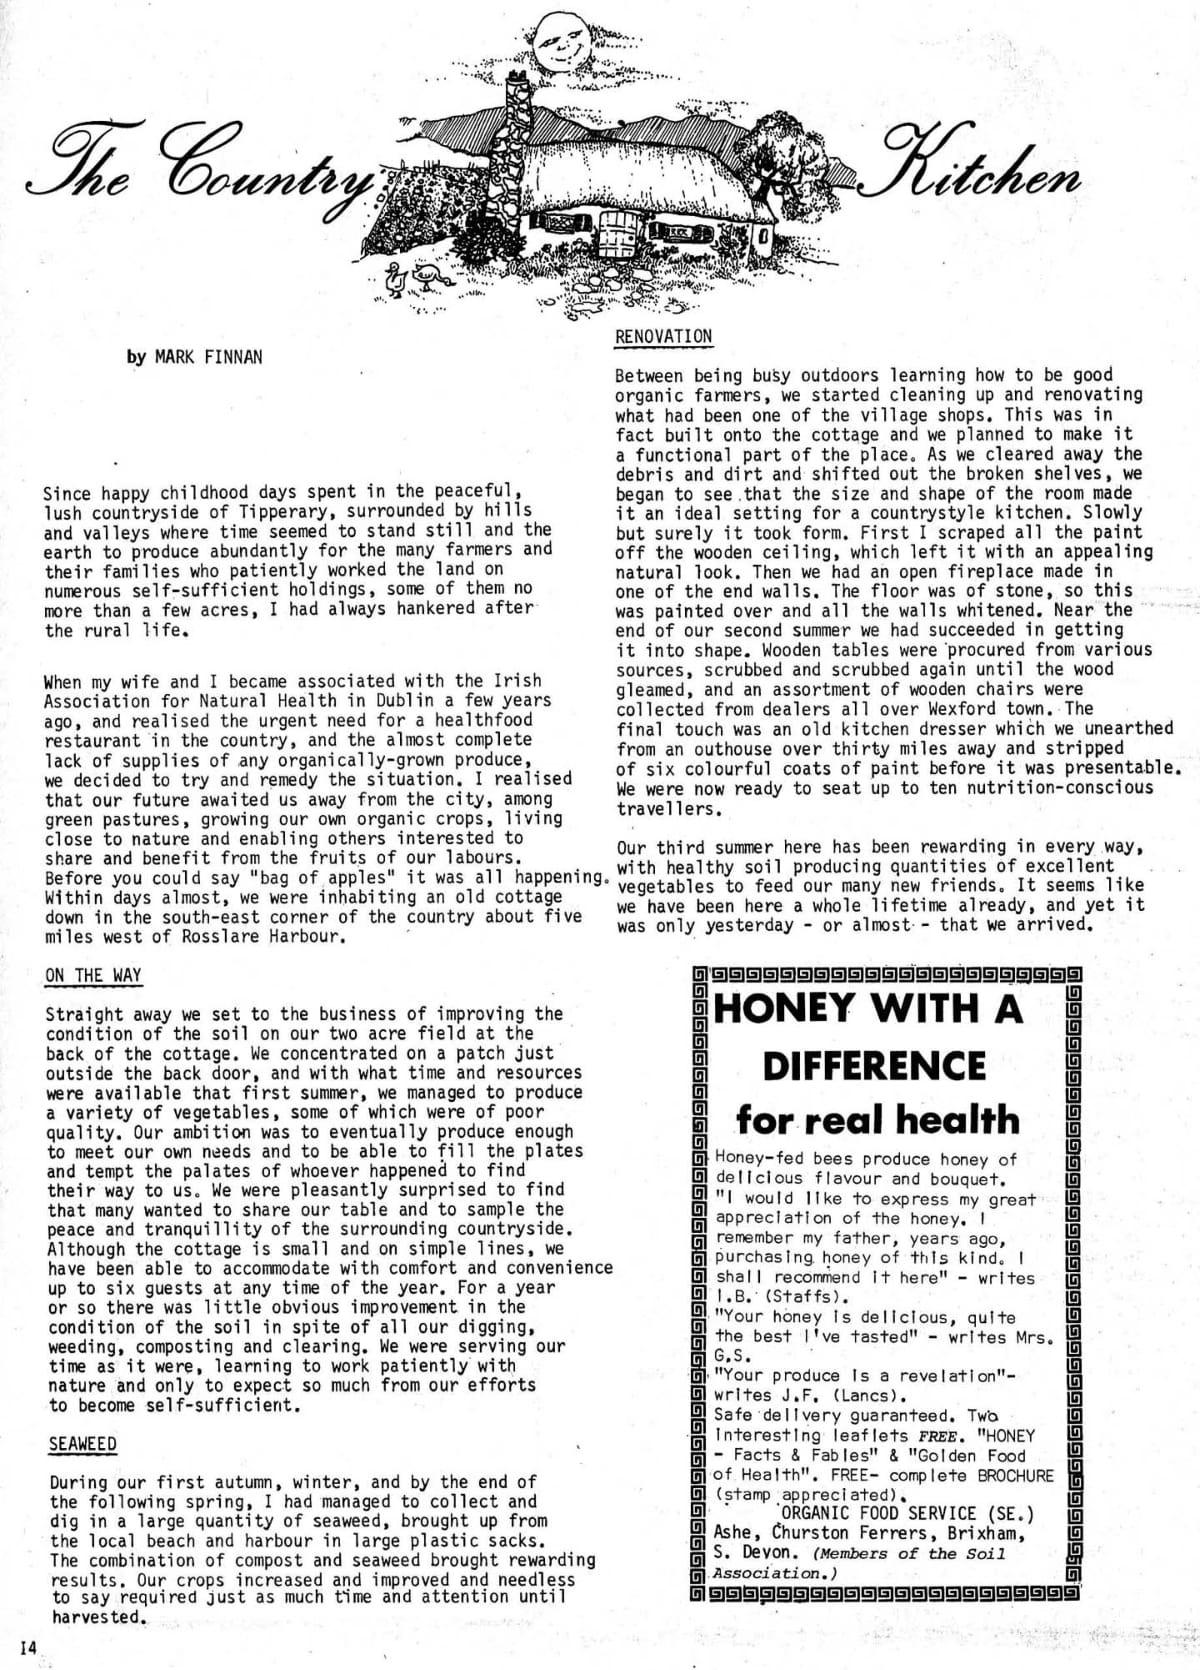 seed-v4-n2-feb1975-14.jpg